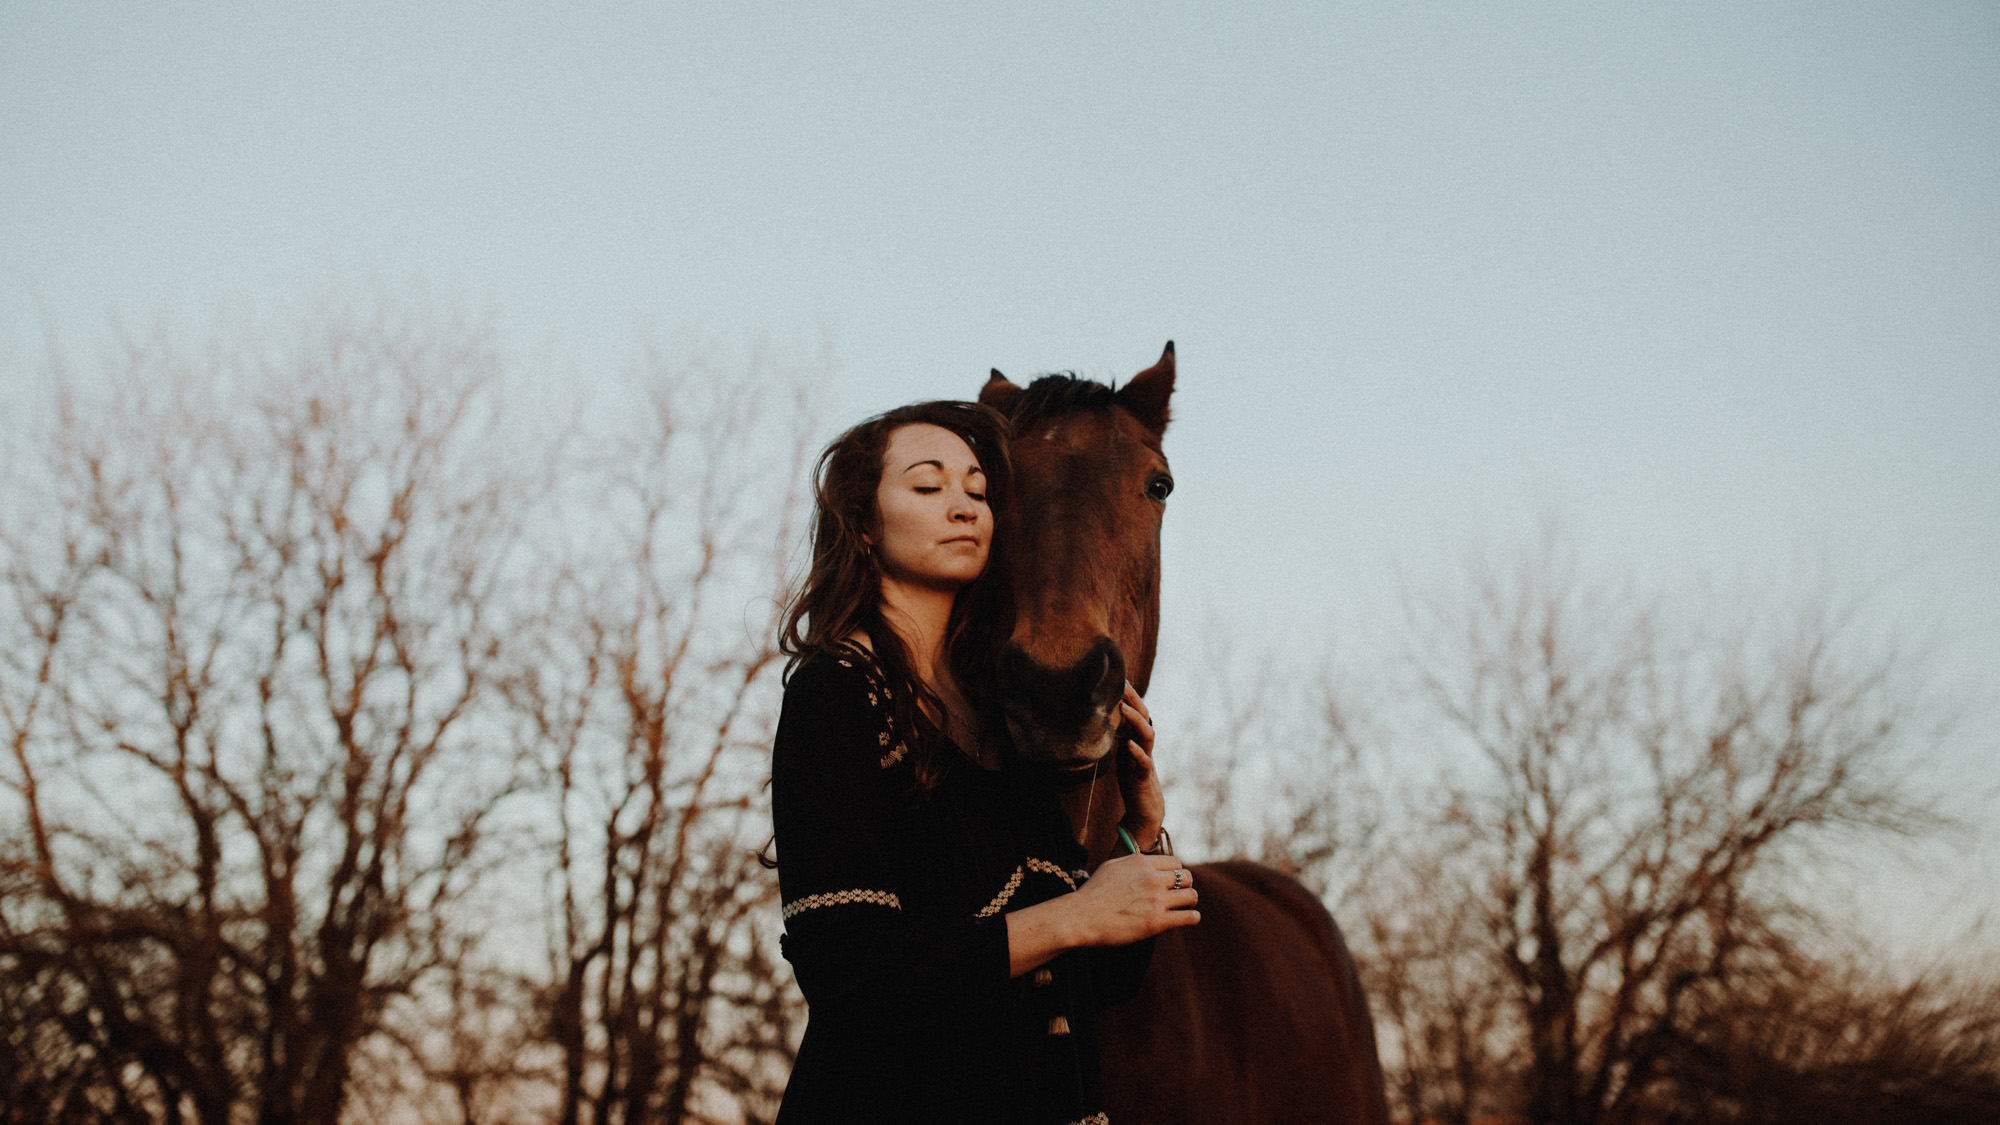 alec_vanderboom_horses_online-0038.jpg